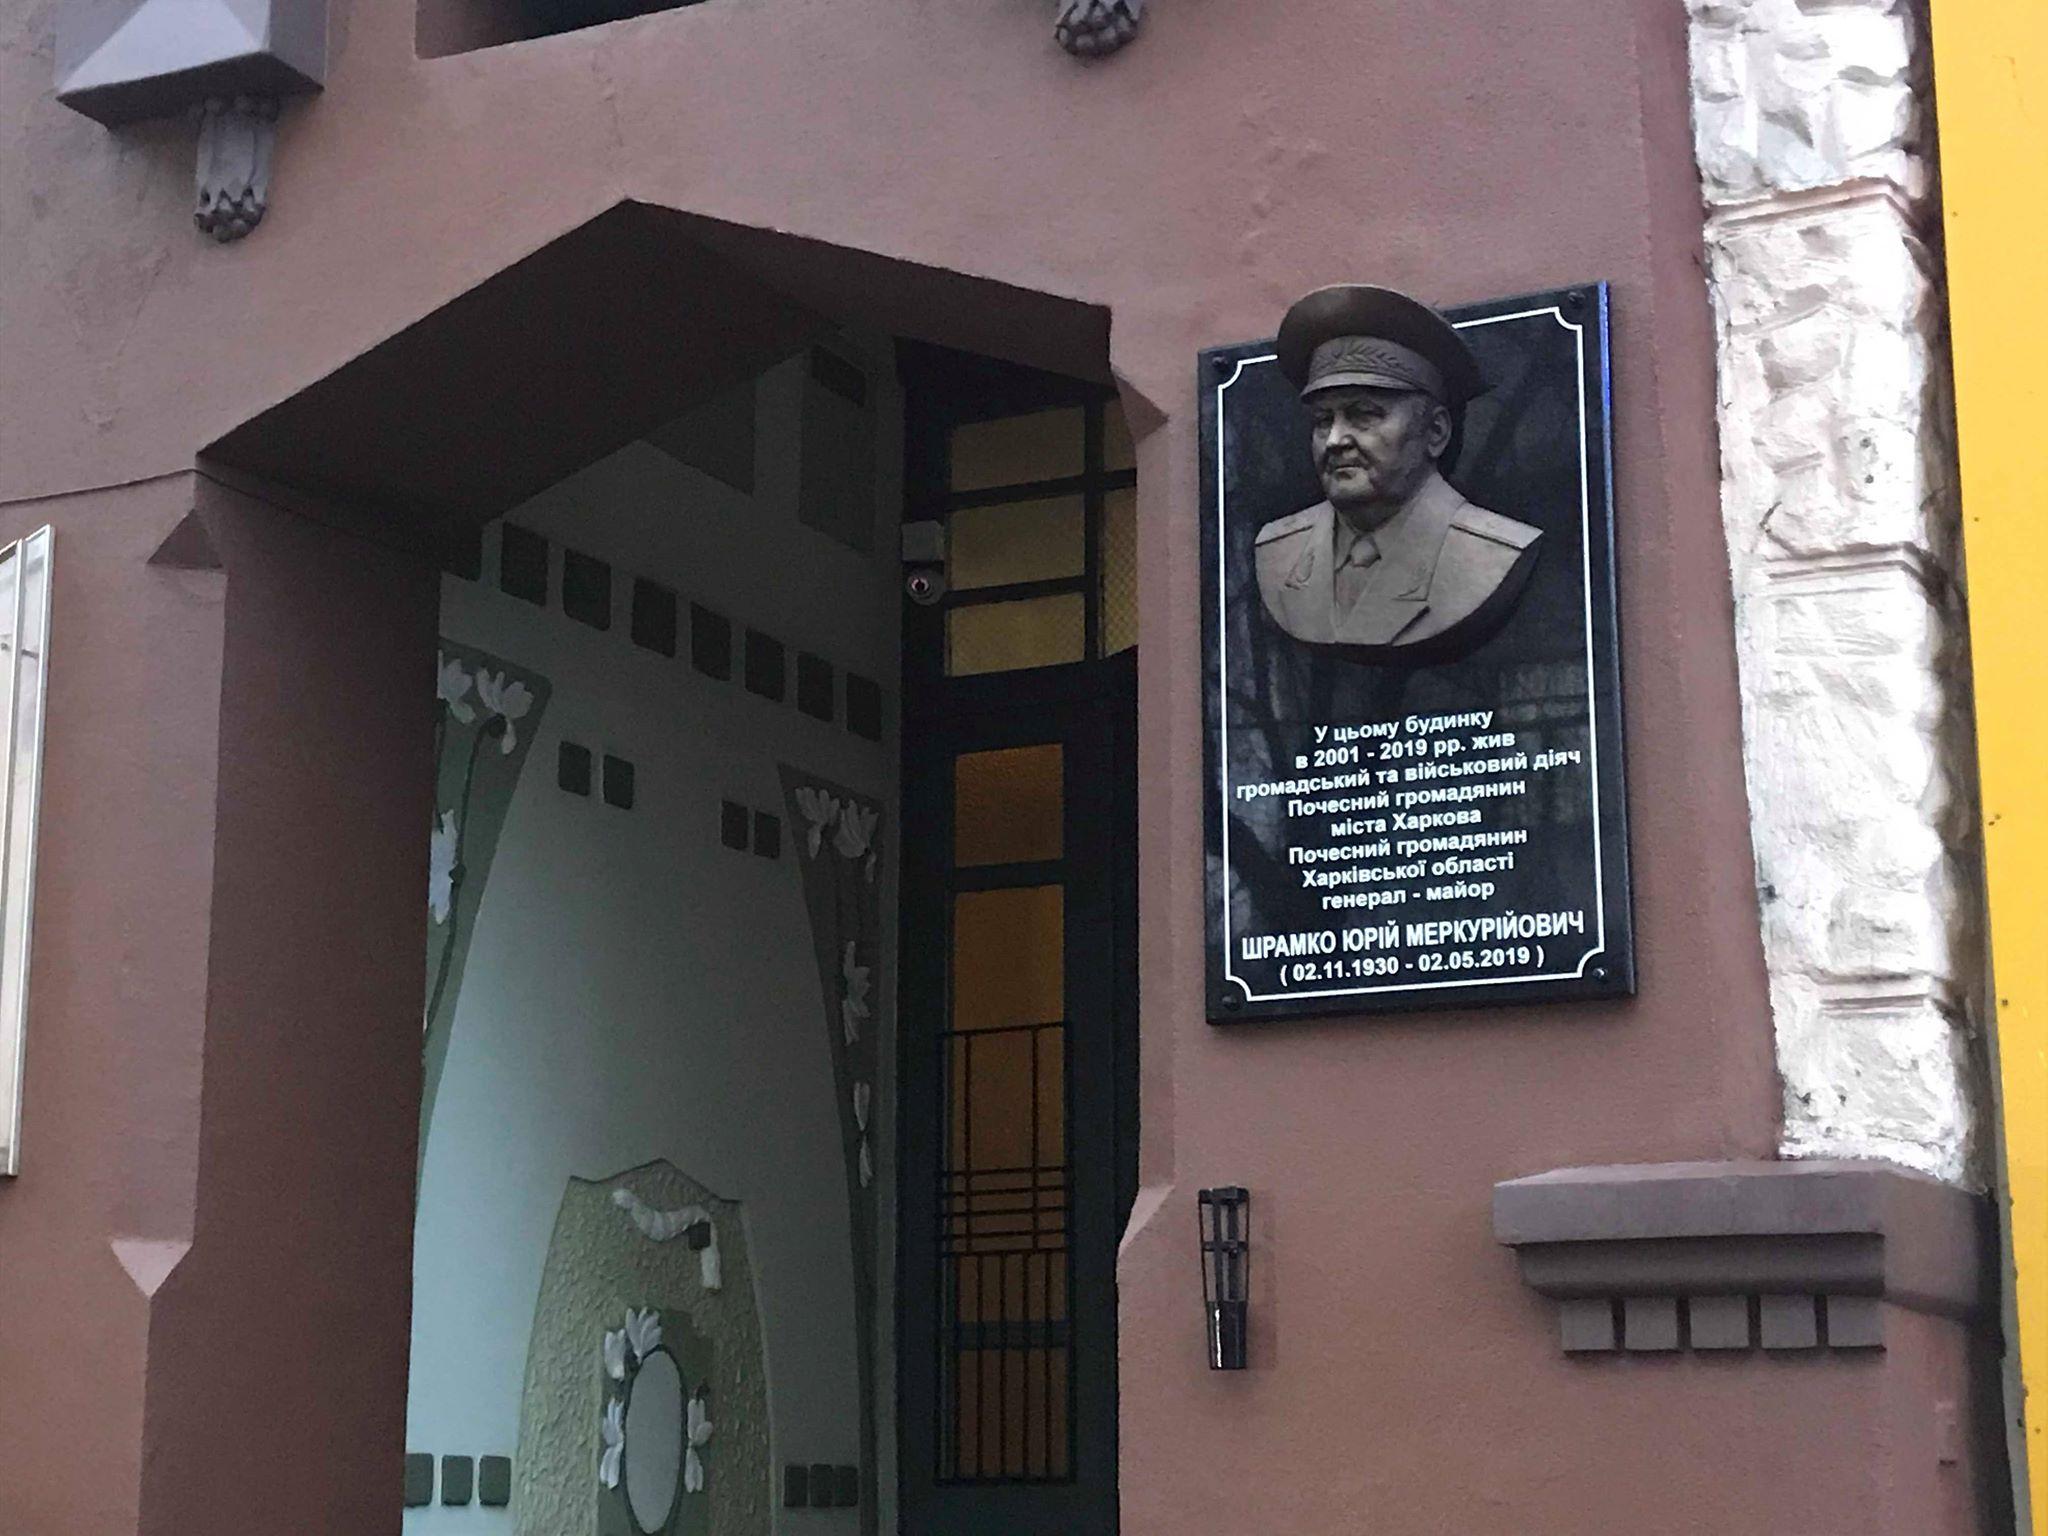 Табличку генералу КГБ Юрию Шрамку сорвали в Харькове  (фото)